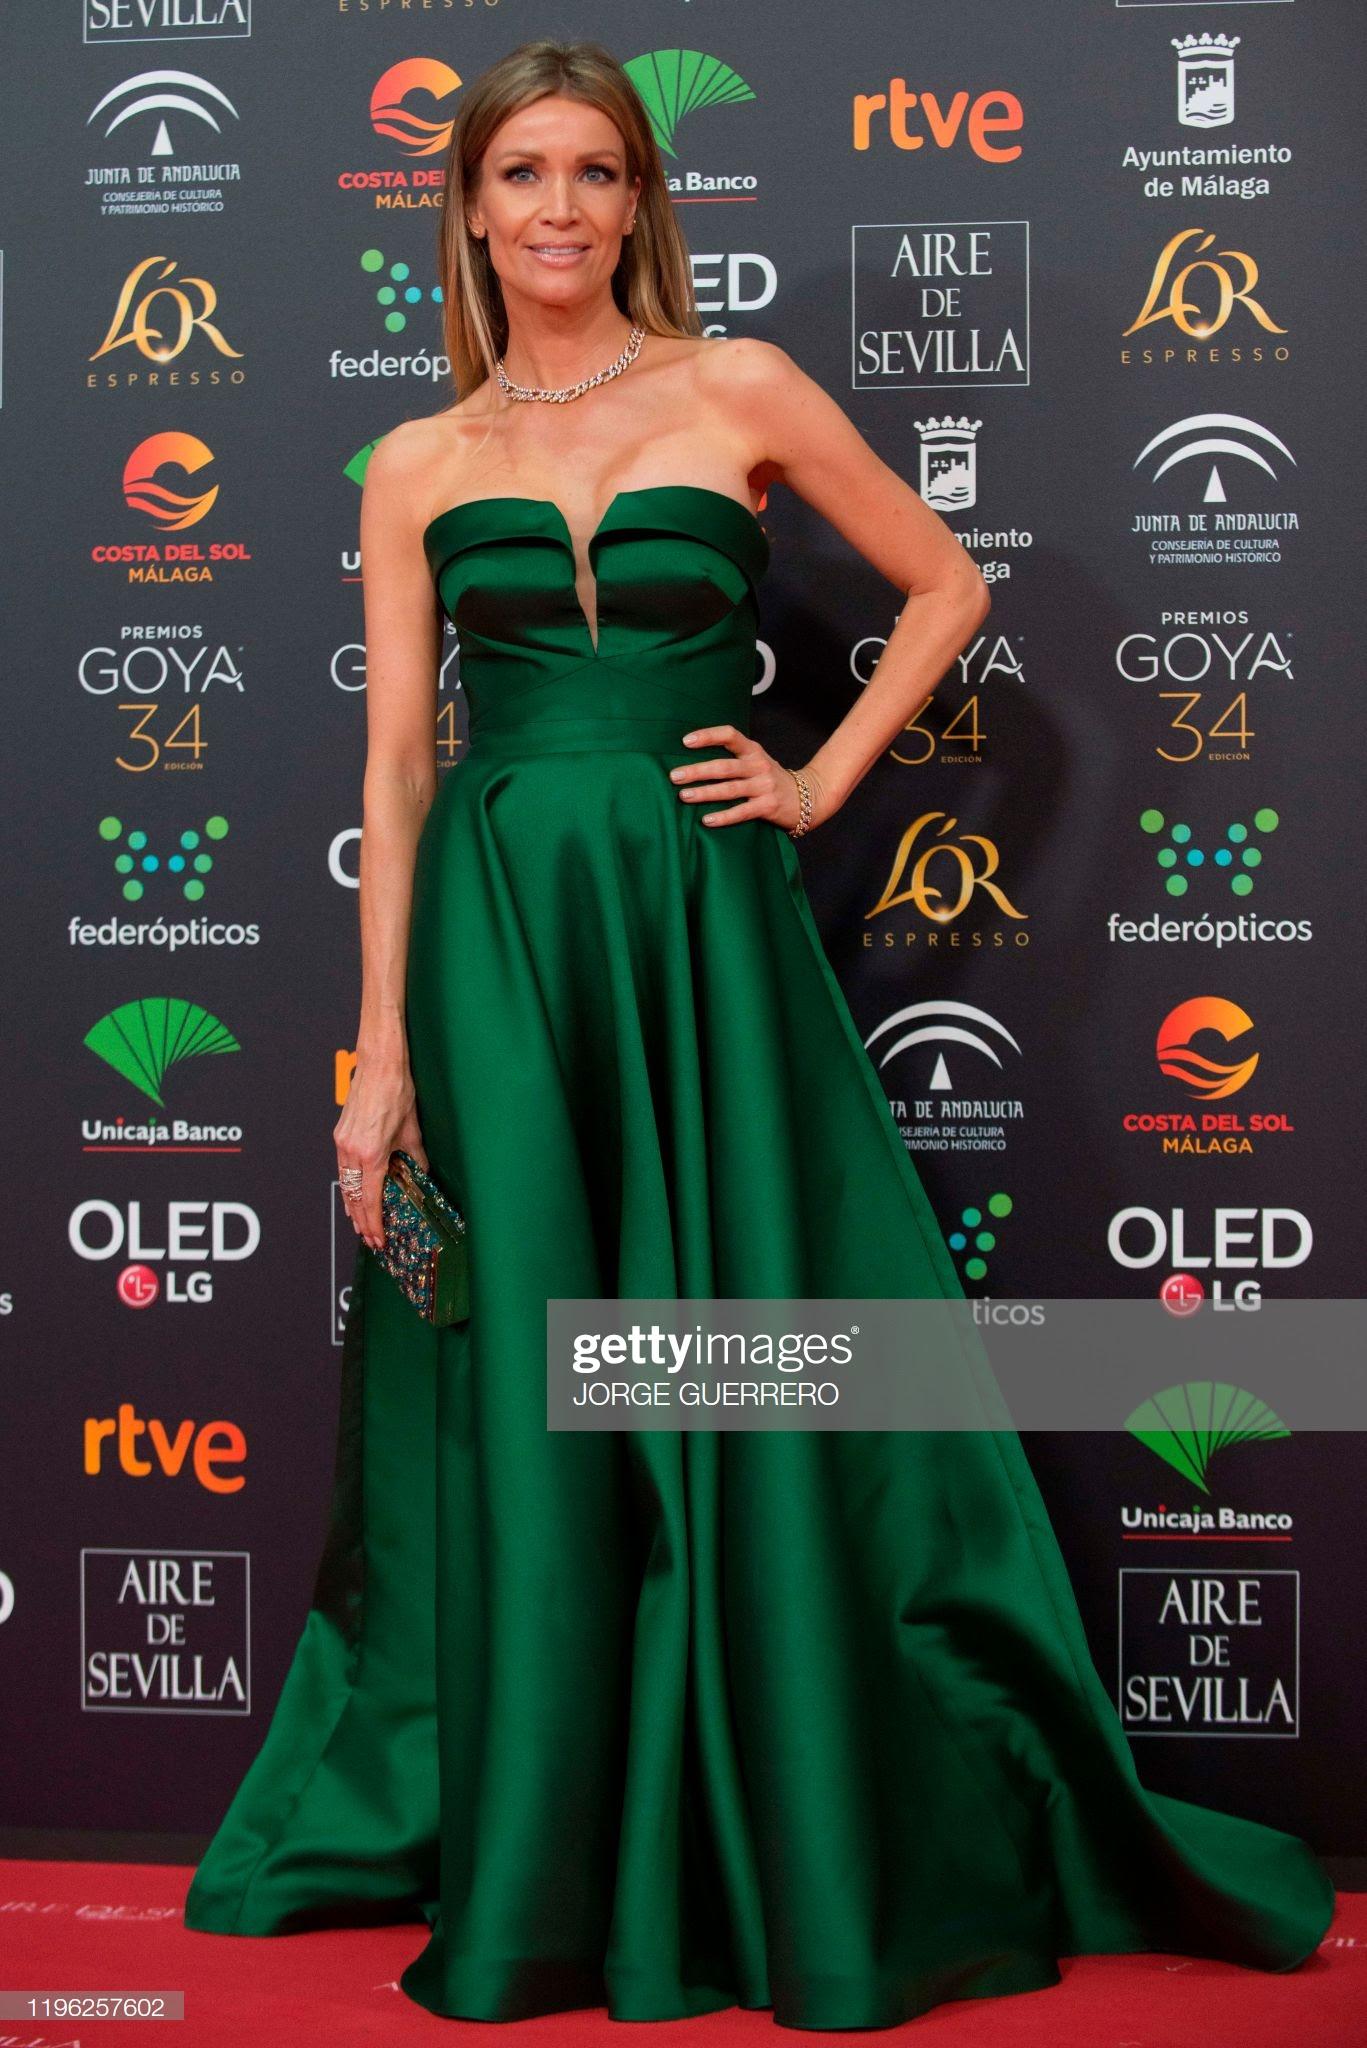 322de59f 51d9 499f 820f a03046a7f8d4 - Premios Goya 2020 : Looks de todas las celebrities que lucieron  marcas de Replica